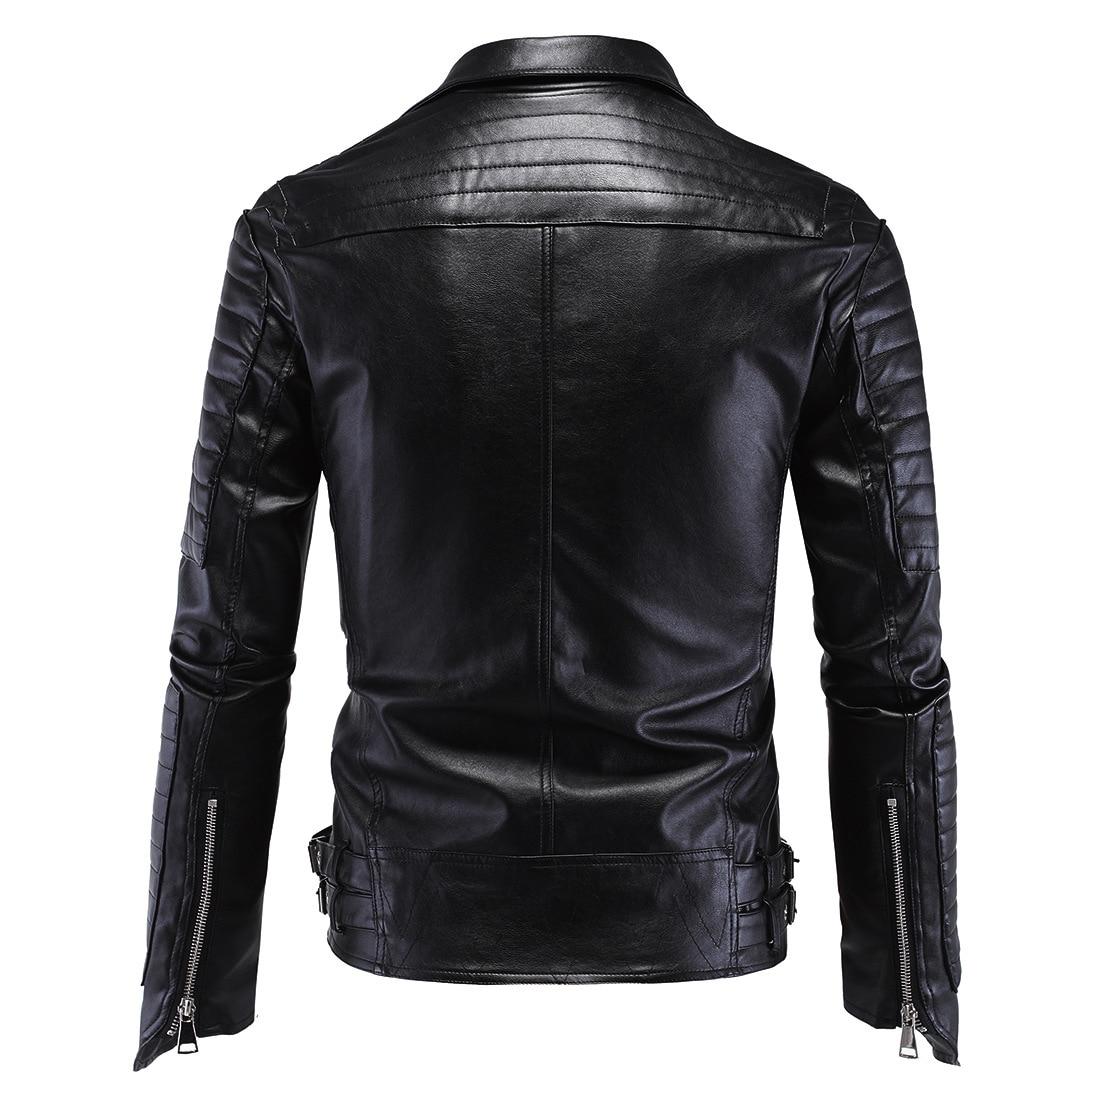 Erkek Kıyafeti'ten Yapay Deri Paltolar'de Erkek Deri ceket Ince erkek deri moda motosiklet Ince Harley deri ceket erkekler için'da  Grup 2